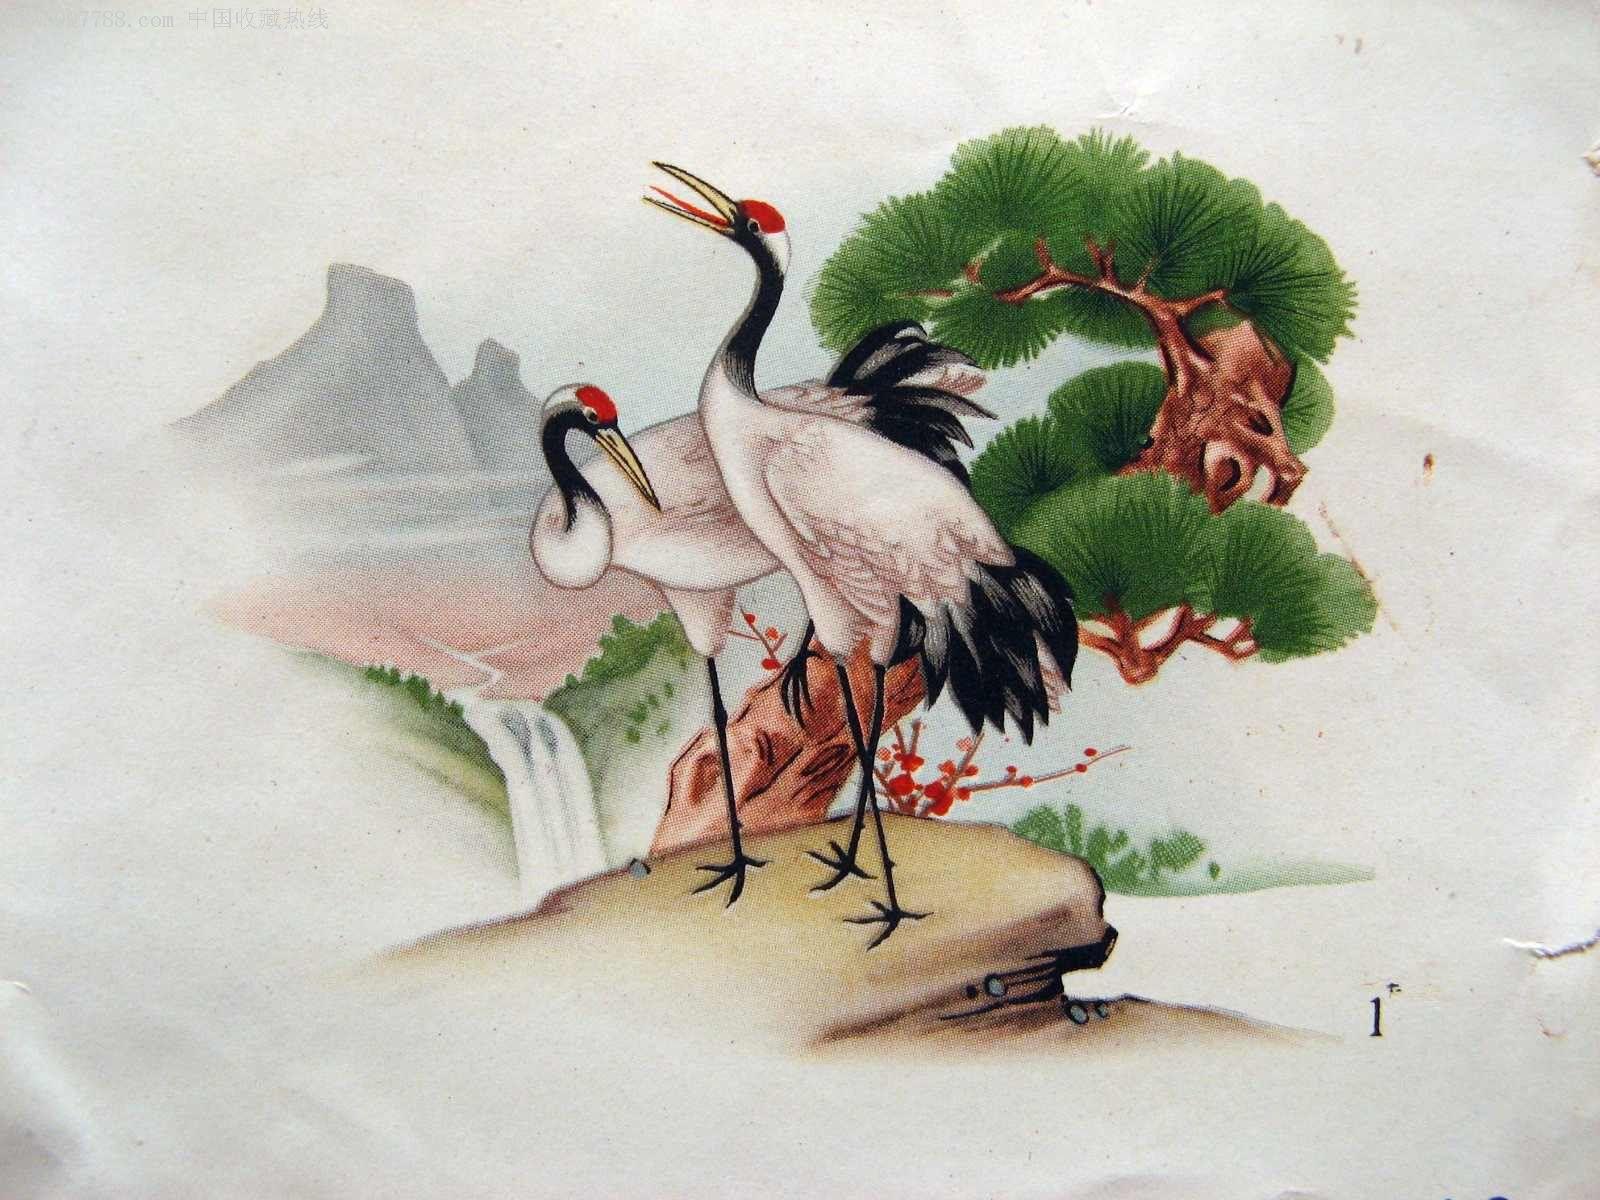 美术公司流出的工艺美术印刷样画-松鹤鹿2种图片